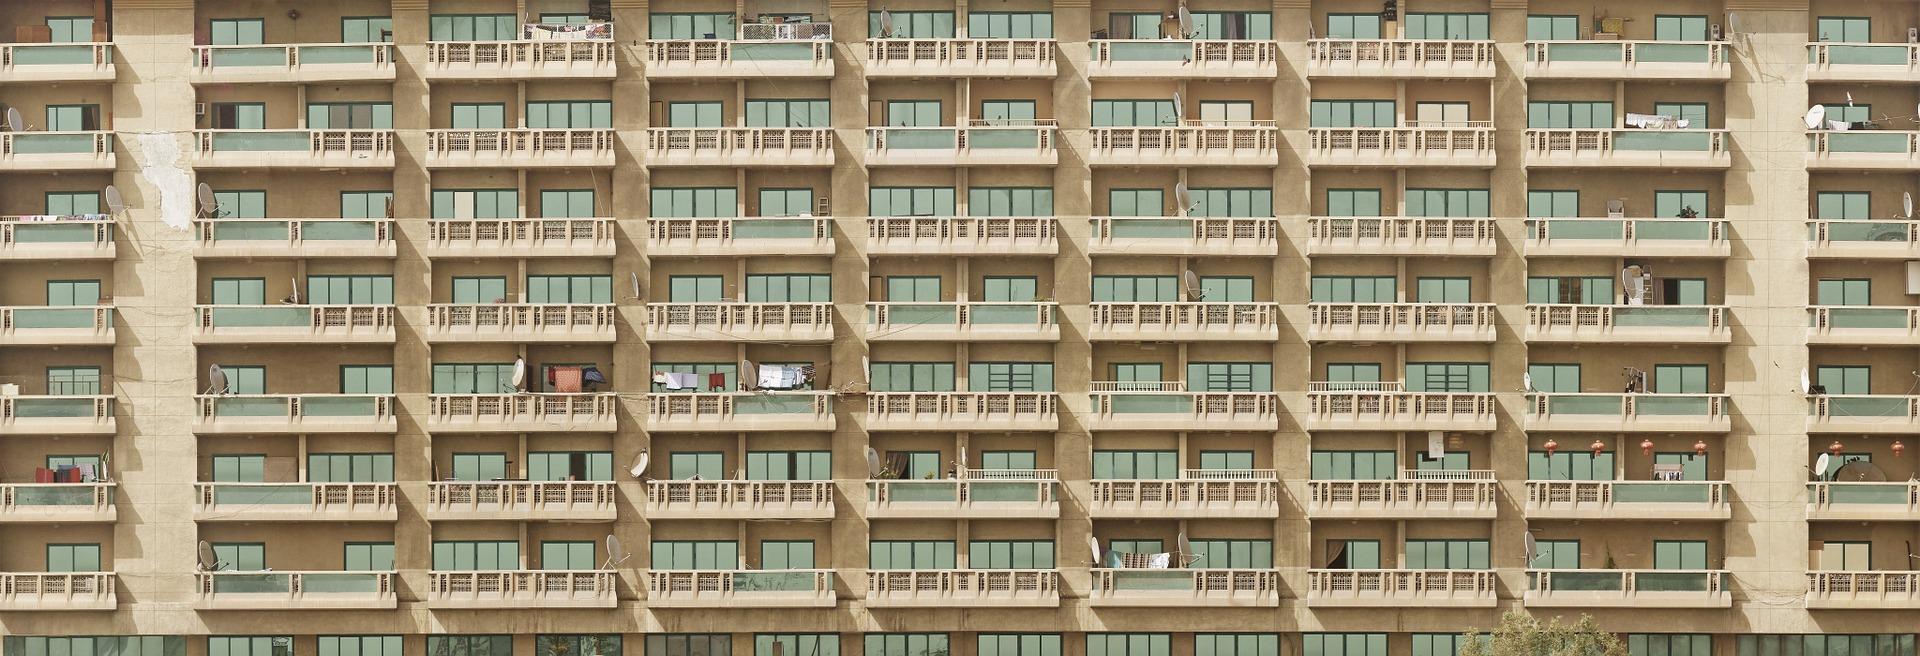 Apartment block facade